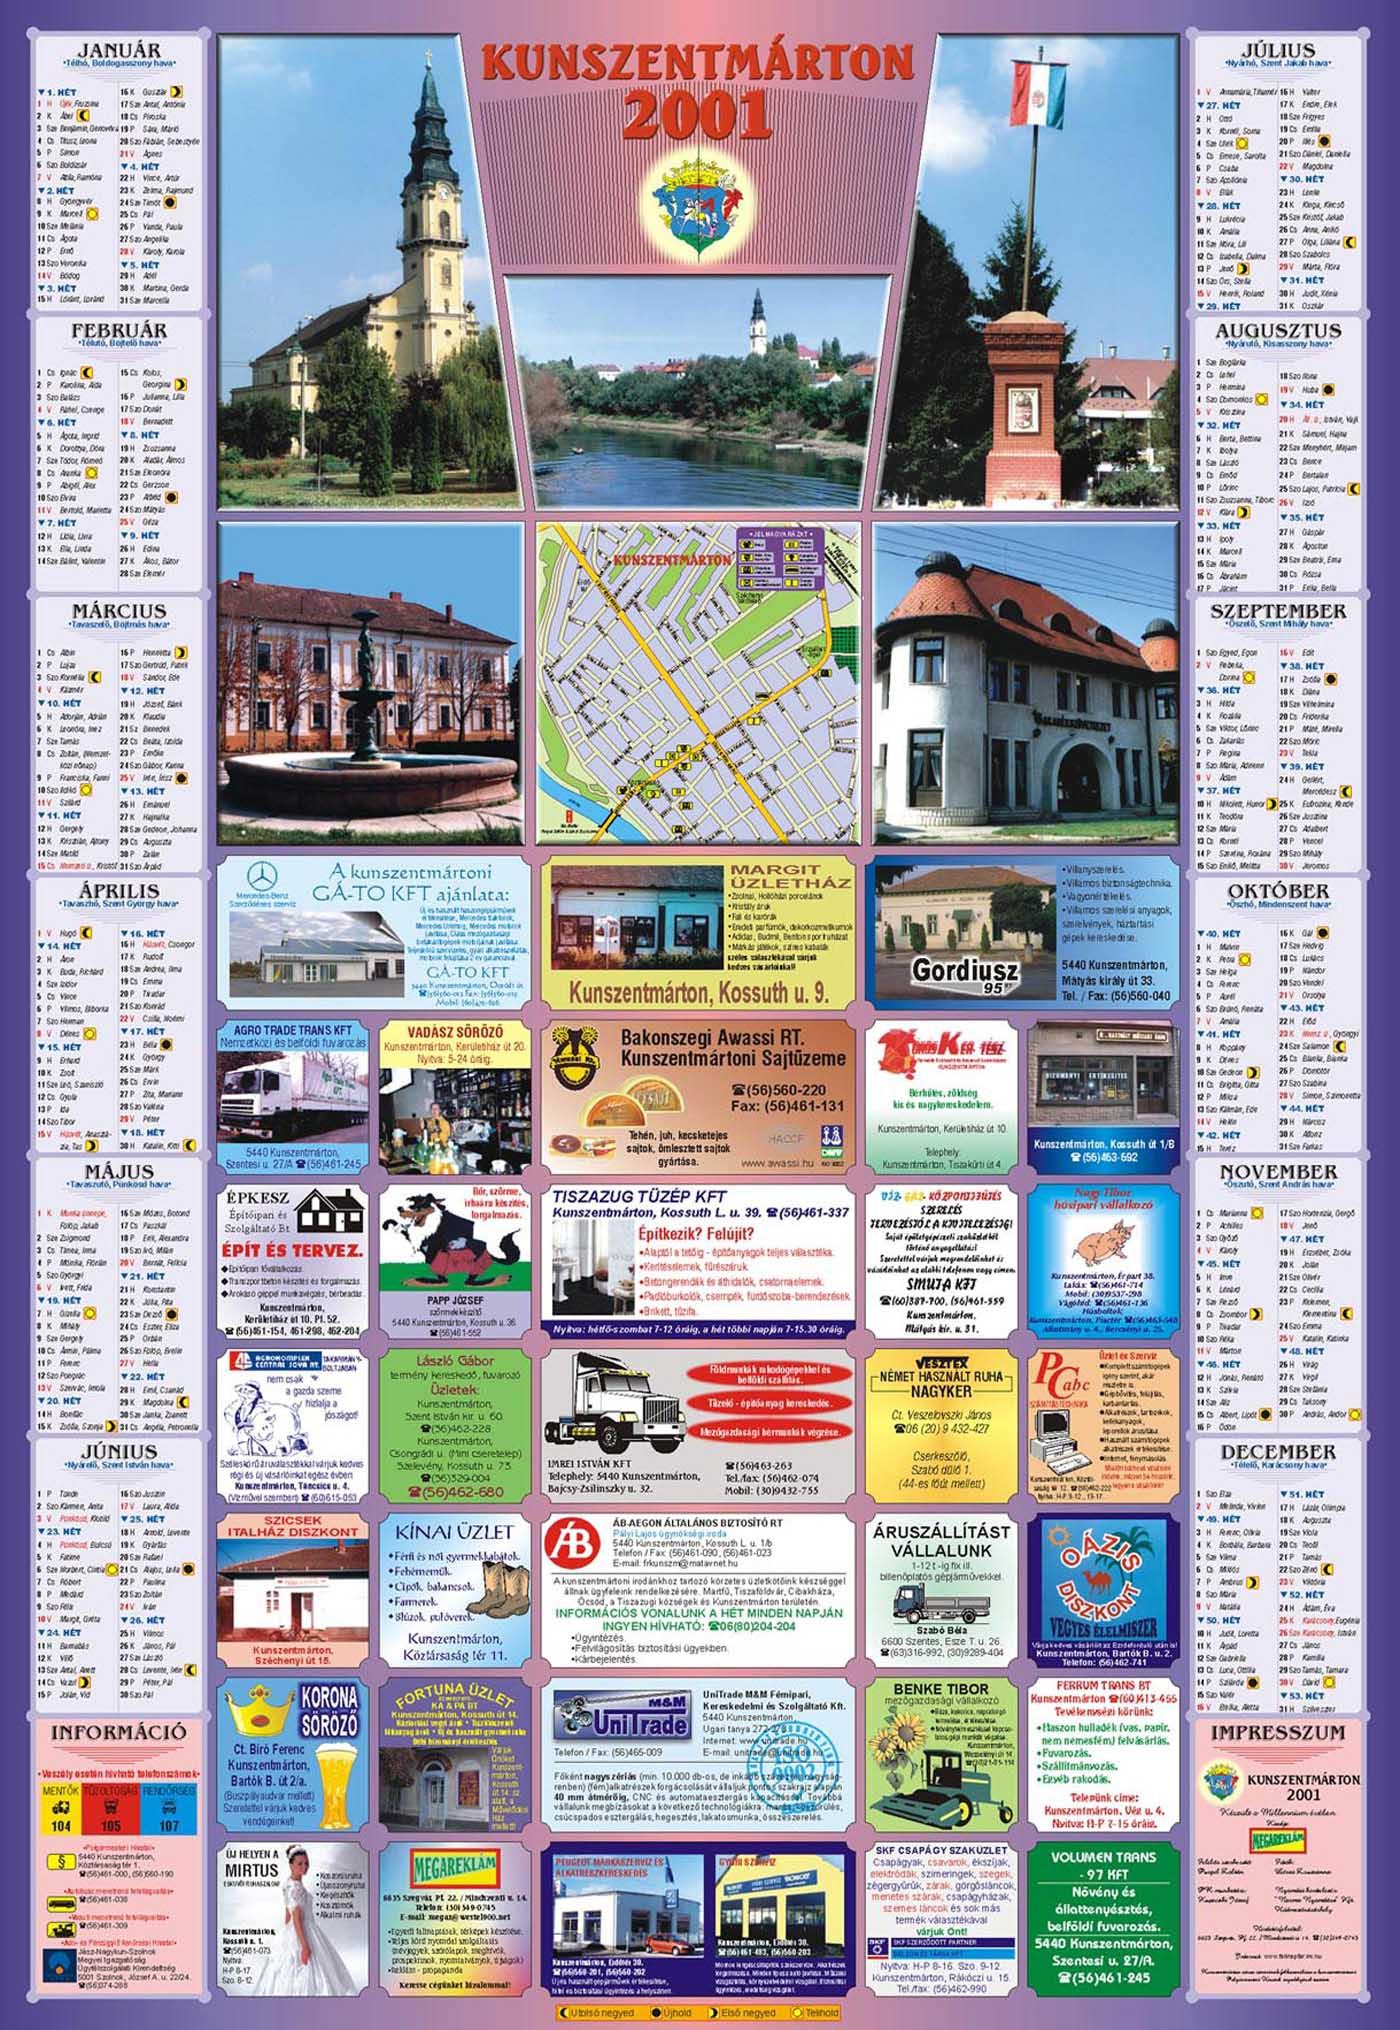 13-Kunszentmarton2001Falinaptar-2000